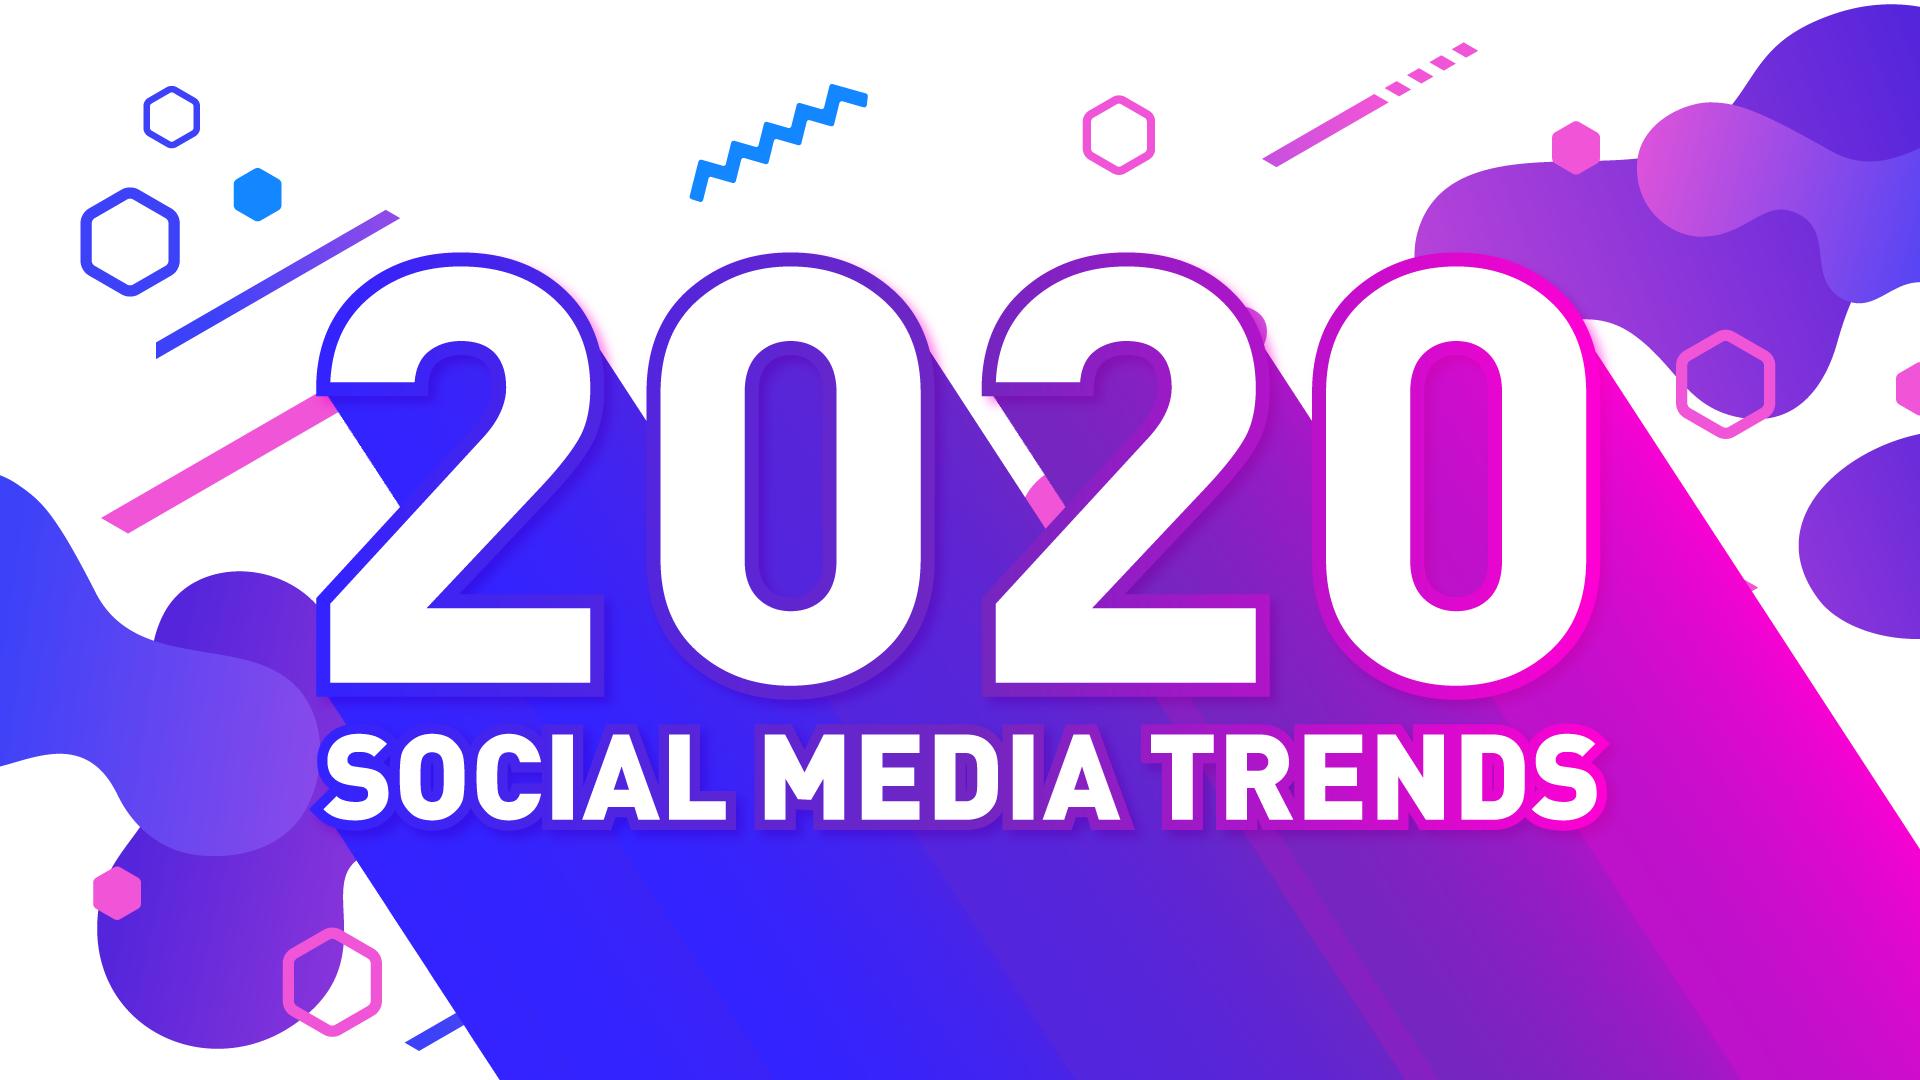 2020 Social Media Trends VMG Studios